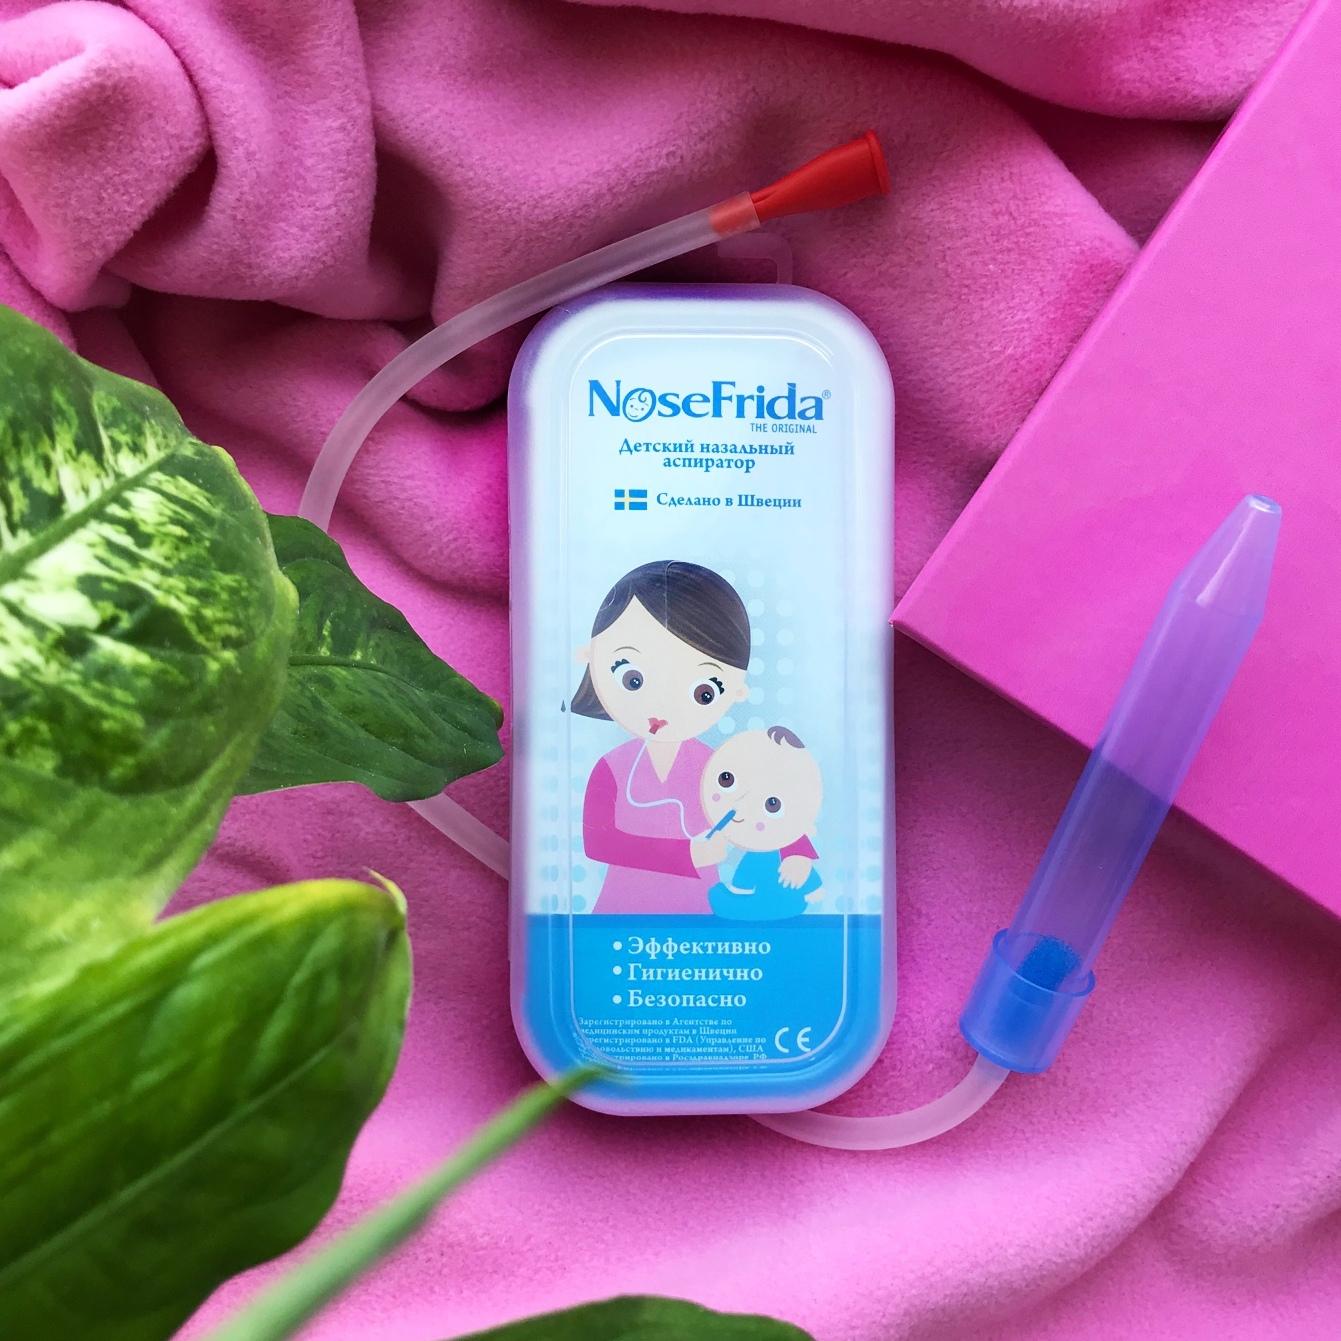 Как почистить нос новорожденному от соплей